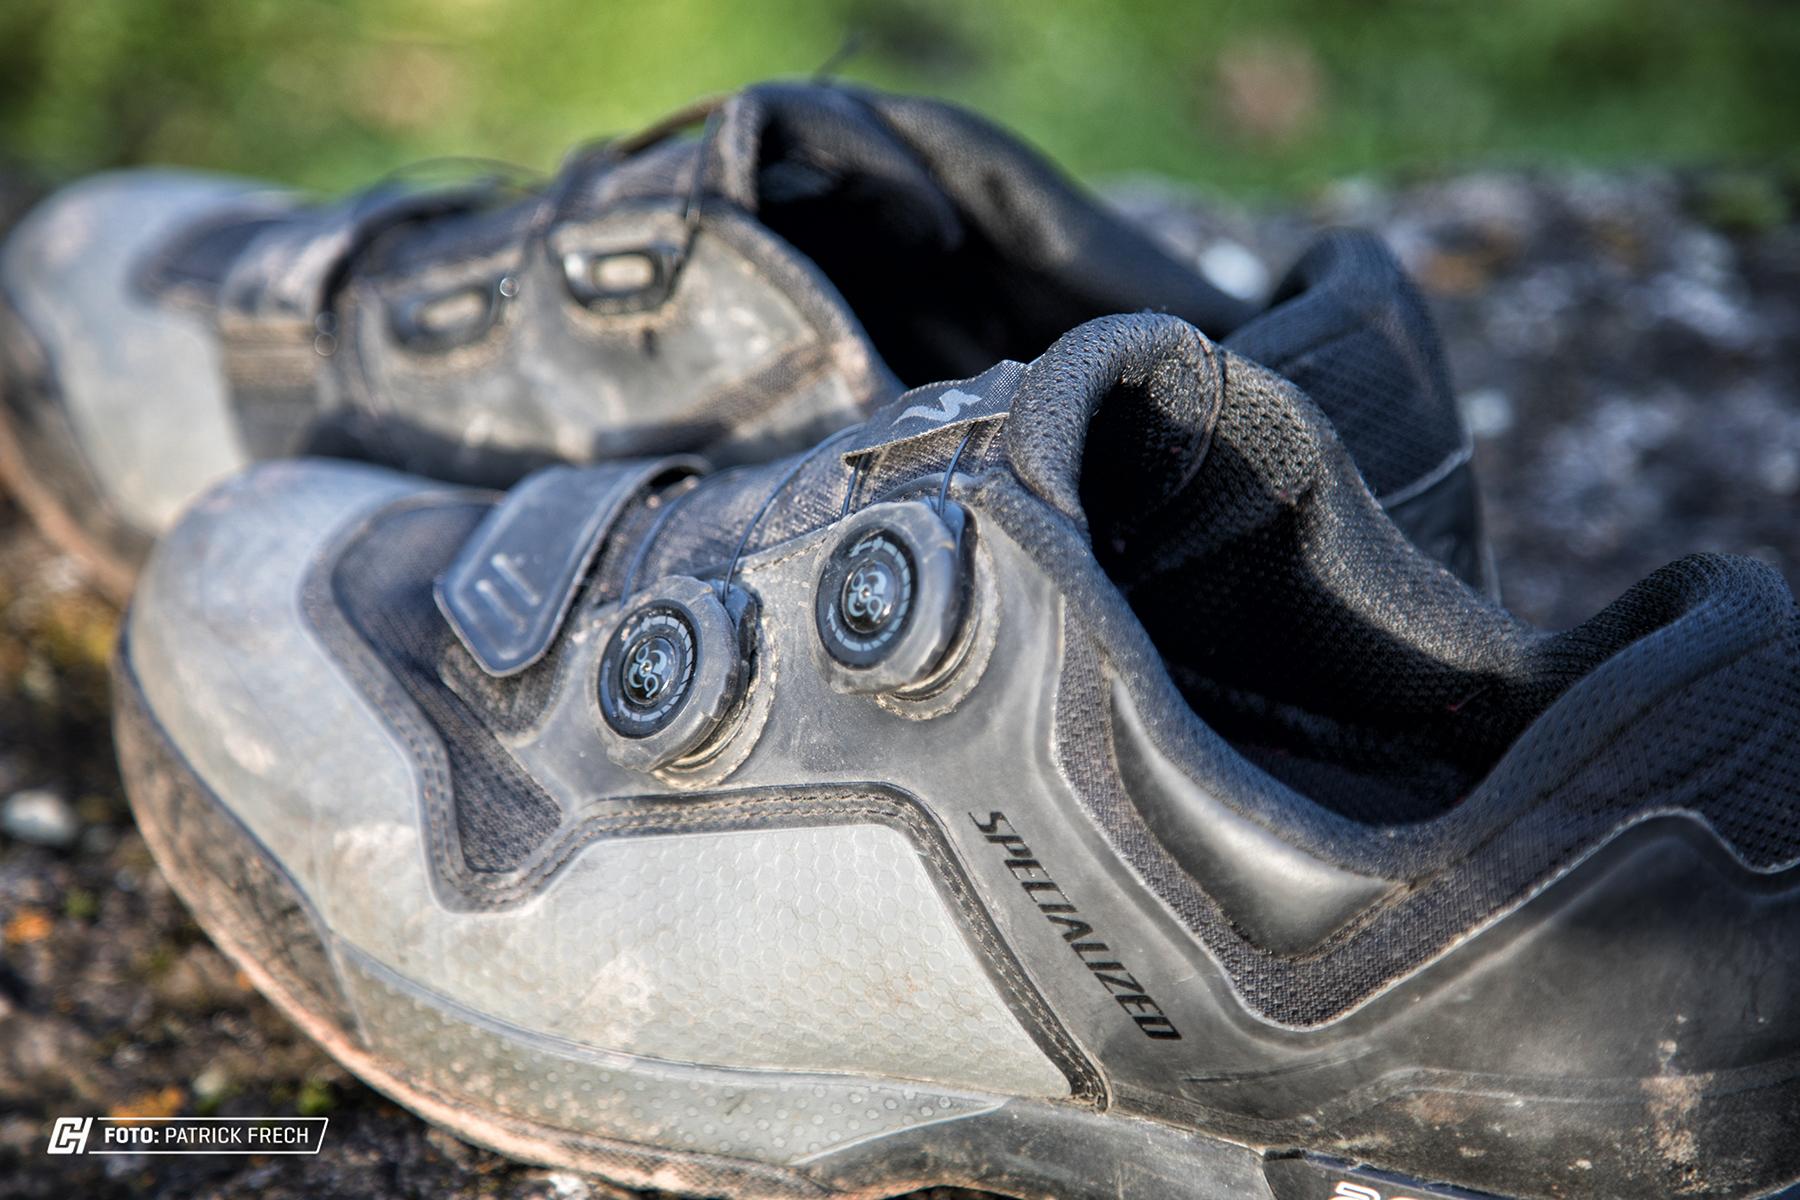 Geschlossen werden die Schuhe mittels zwei BOA Schnellverschlüssen und Klett.